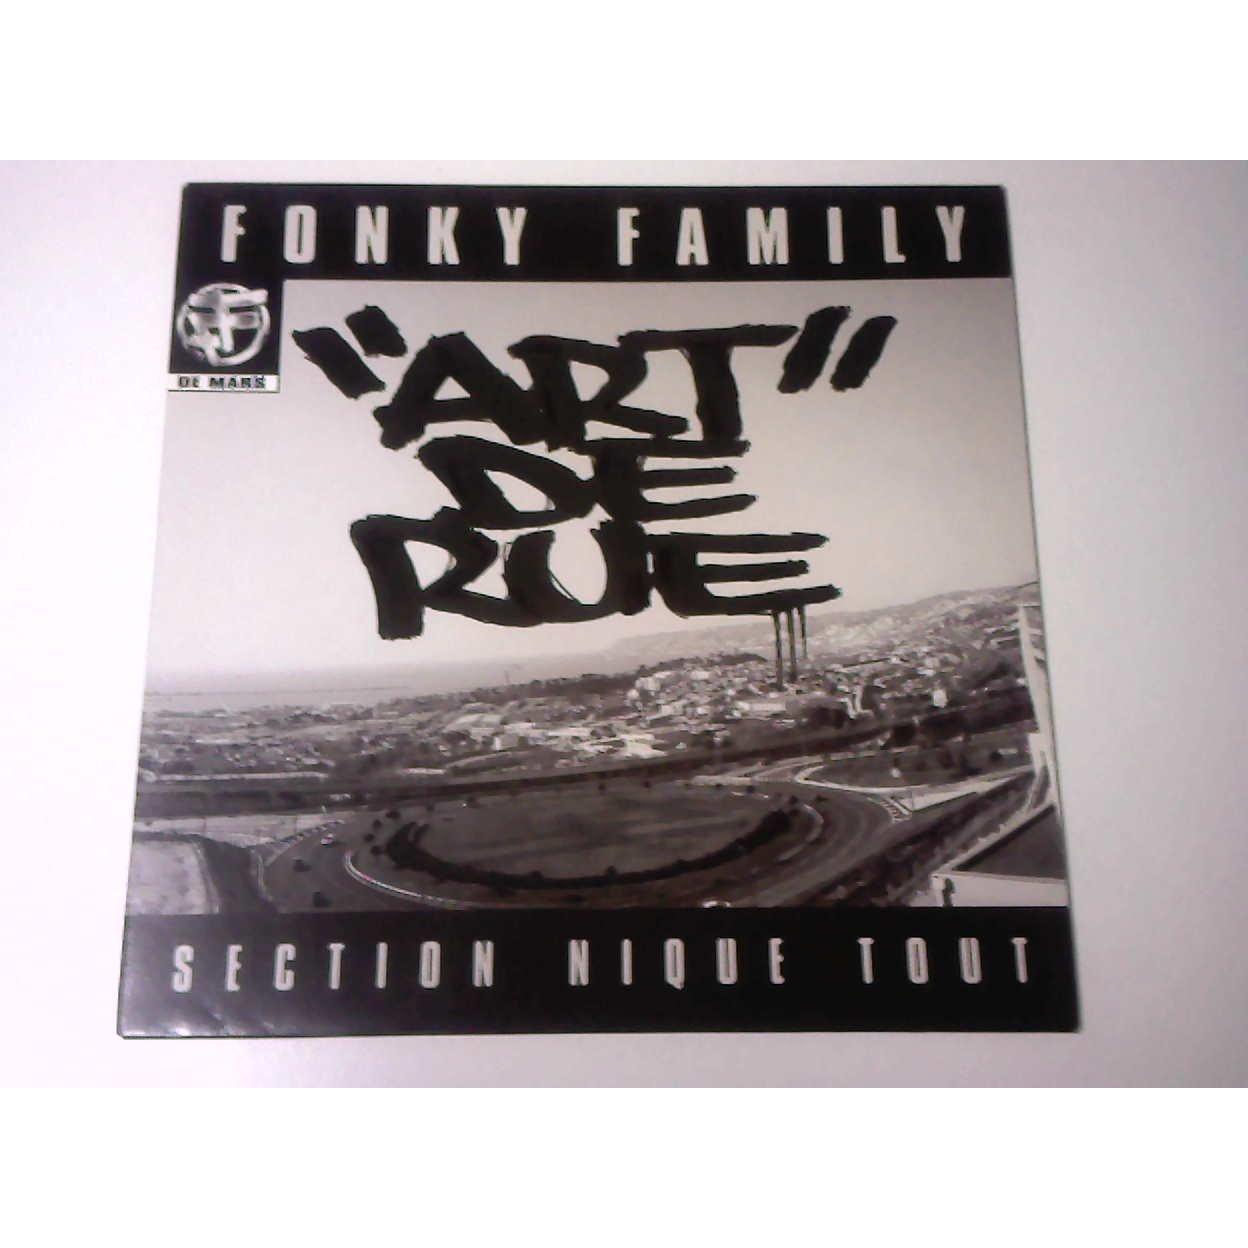 Fonky Family - Art De Rue / Hors Serie 2